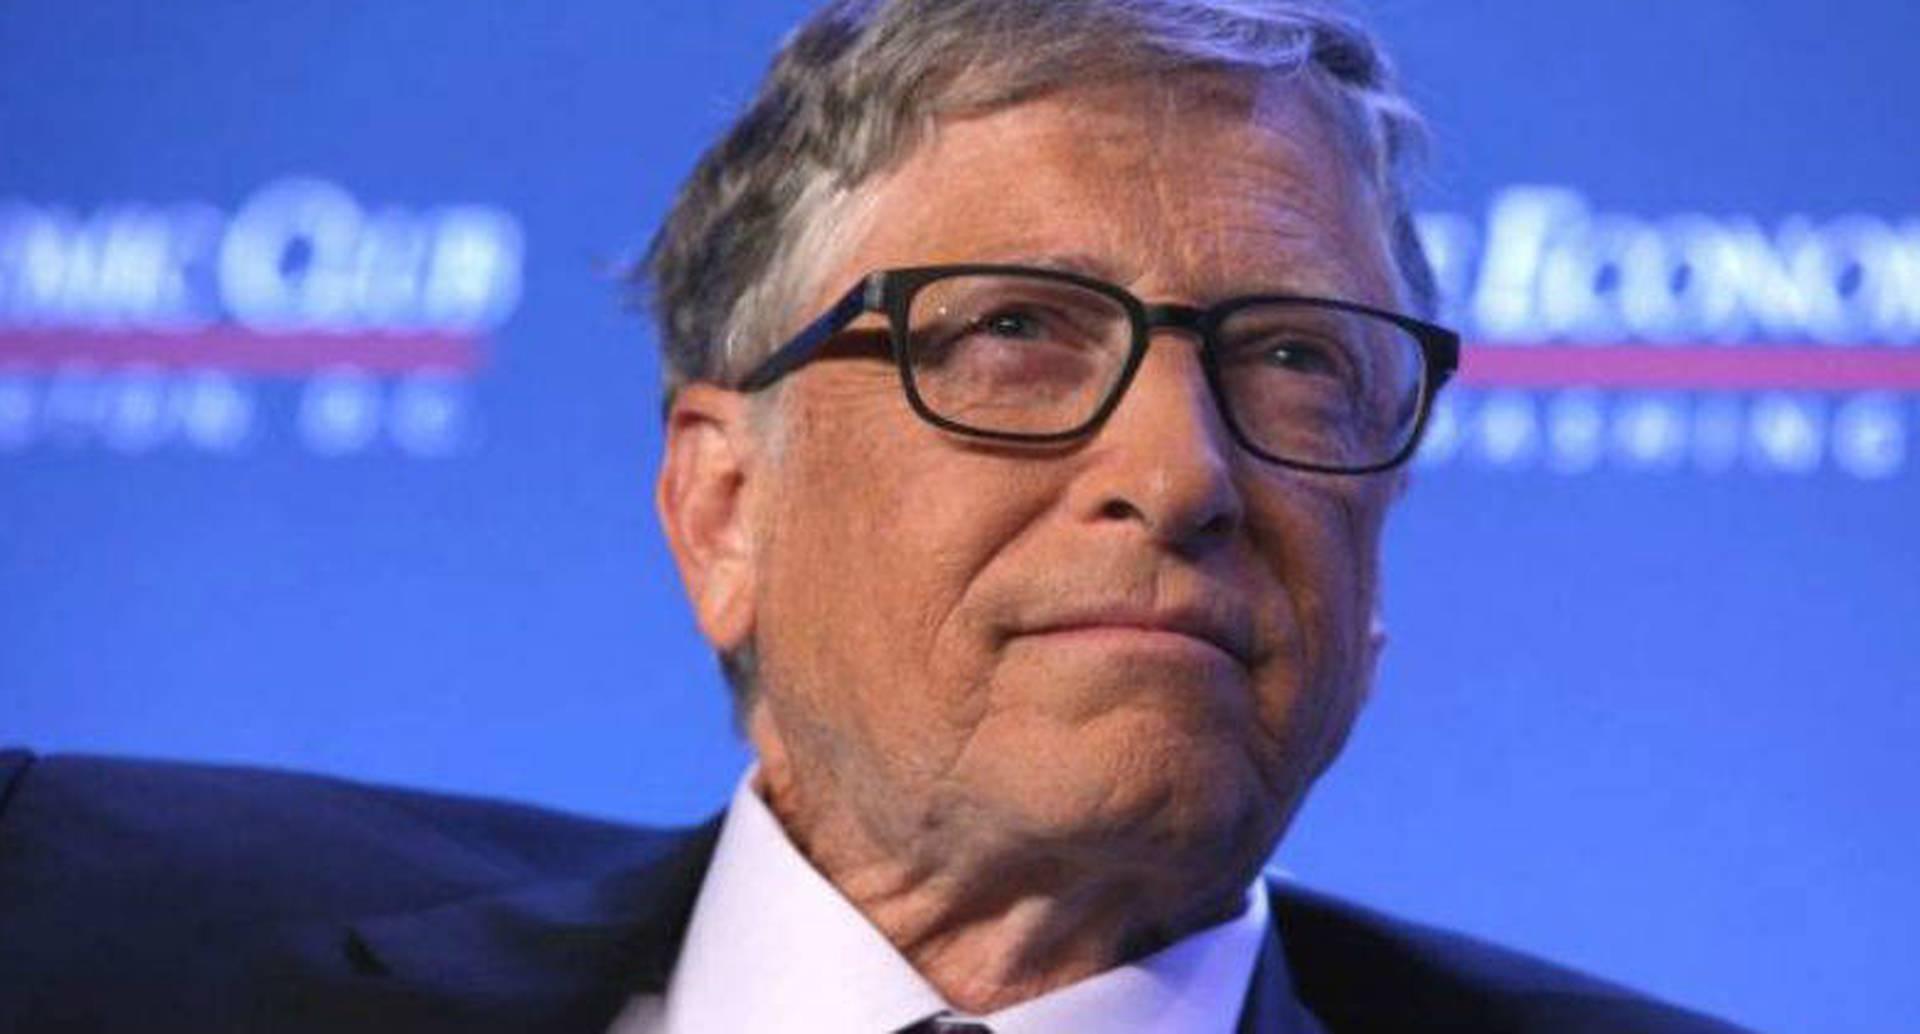 ¿Cuándo acabará la pandemia? Bill Gates responde